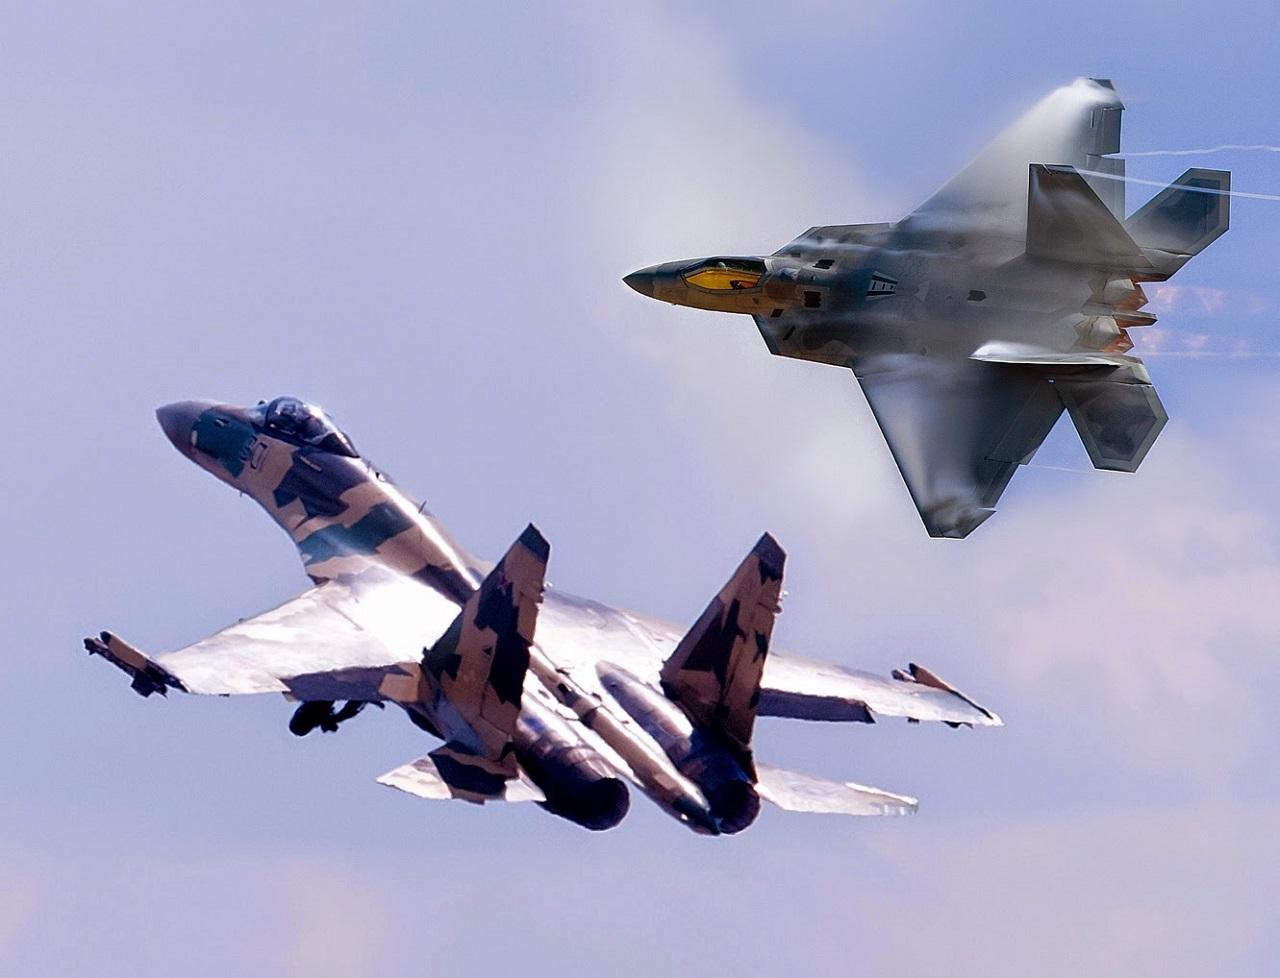 Почему американские эксперты отмечают достоинства Су-35 и критикуют F-22